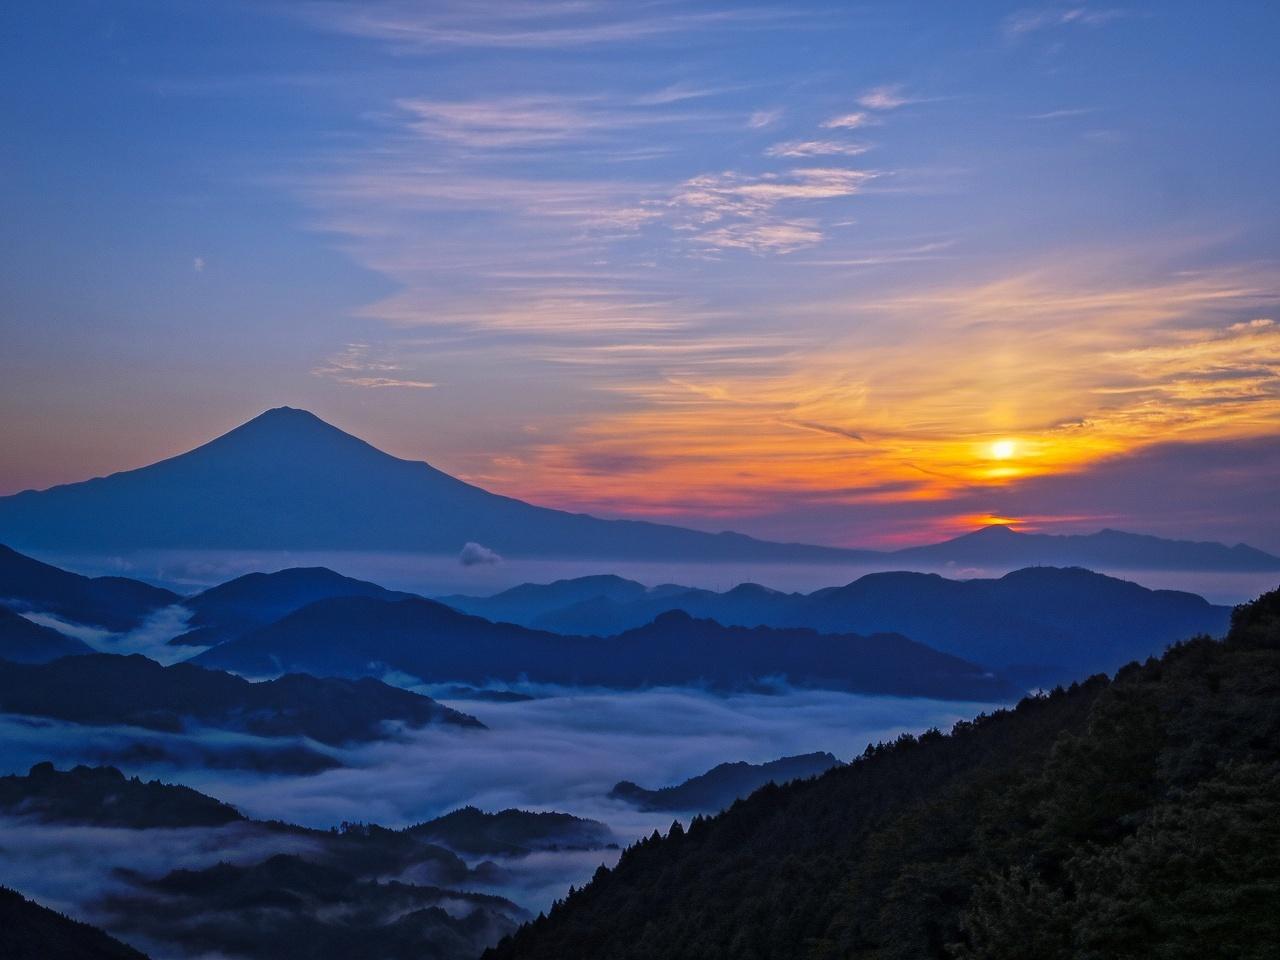 2018.6.25早朝の富士山と雲海(吉原)_e0321032_15333890.jpg